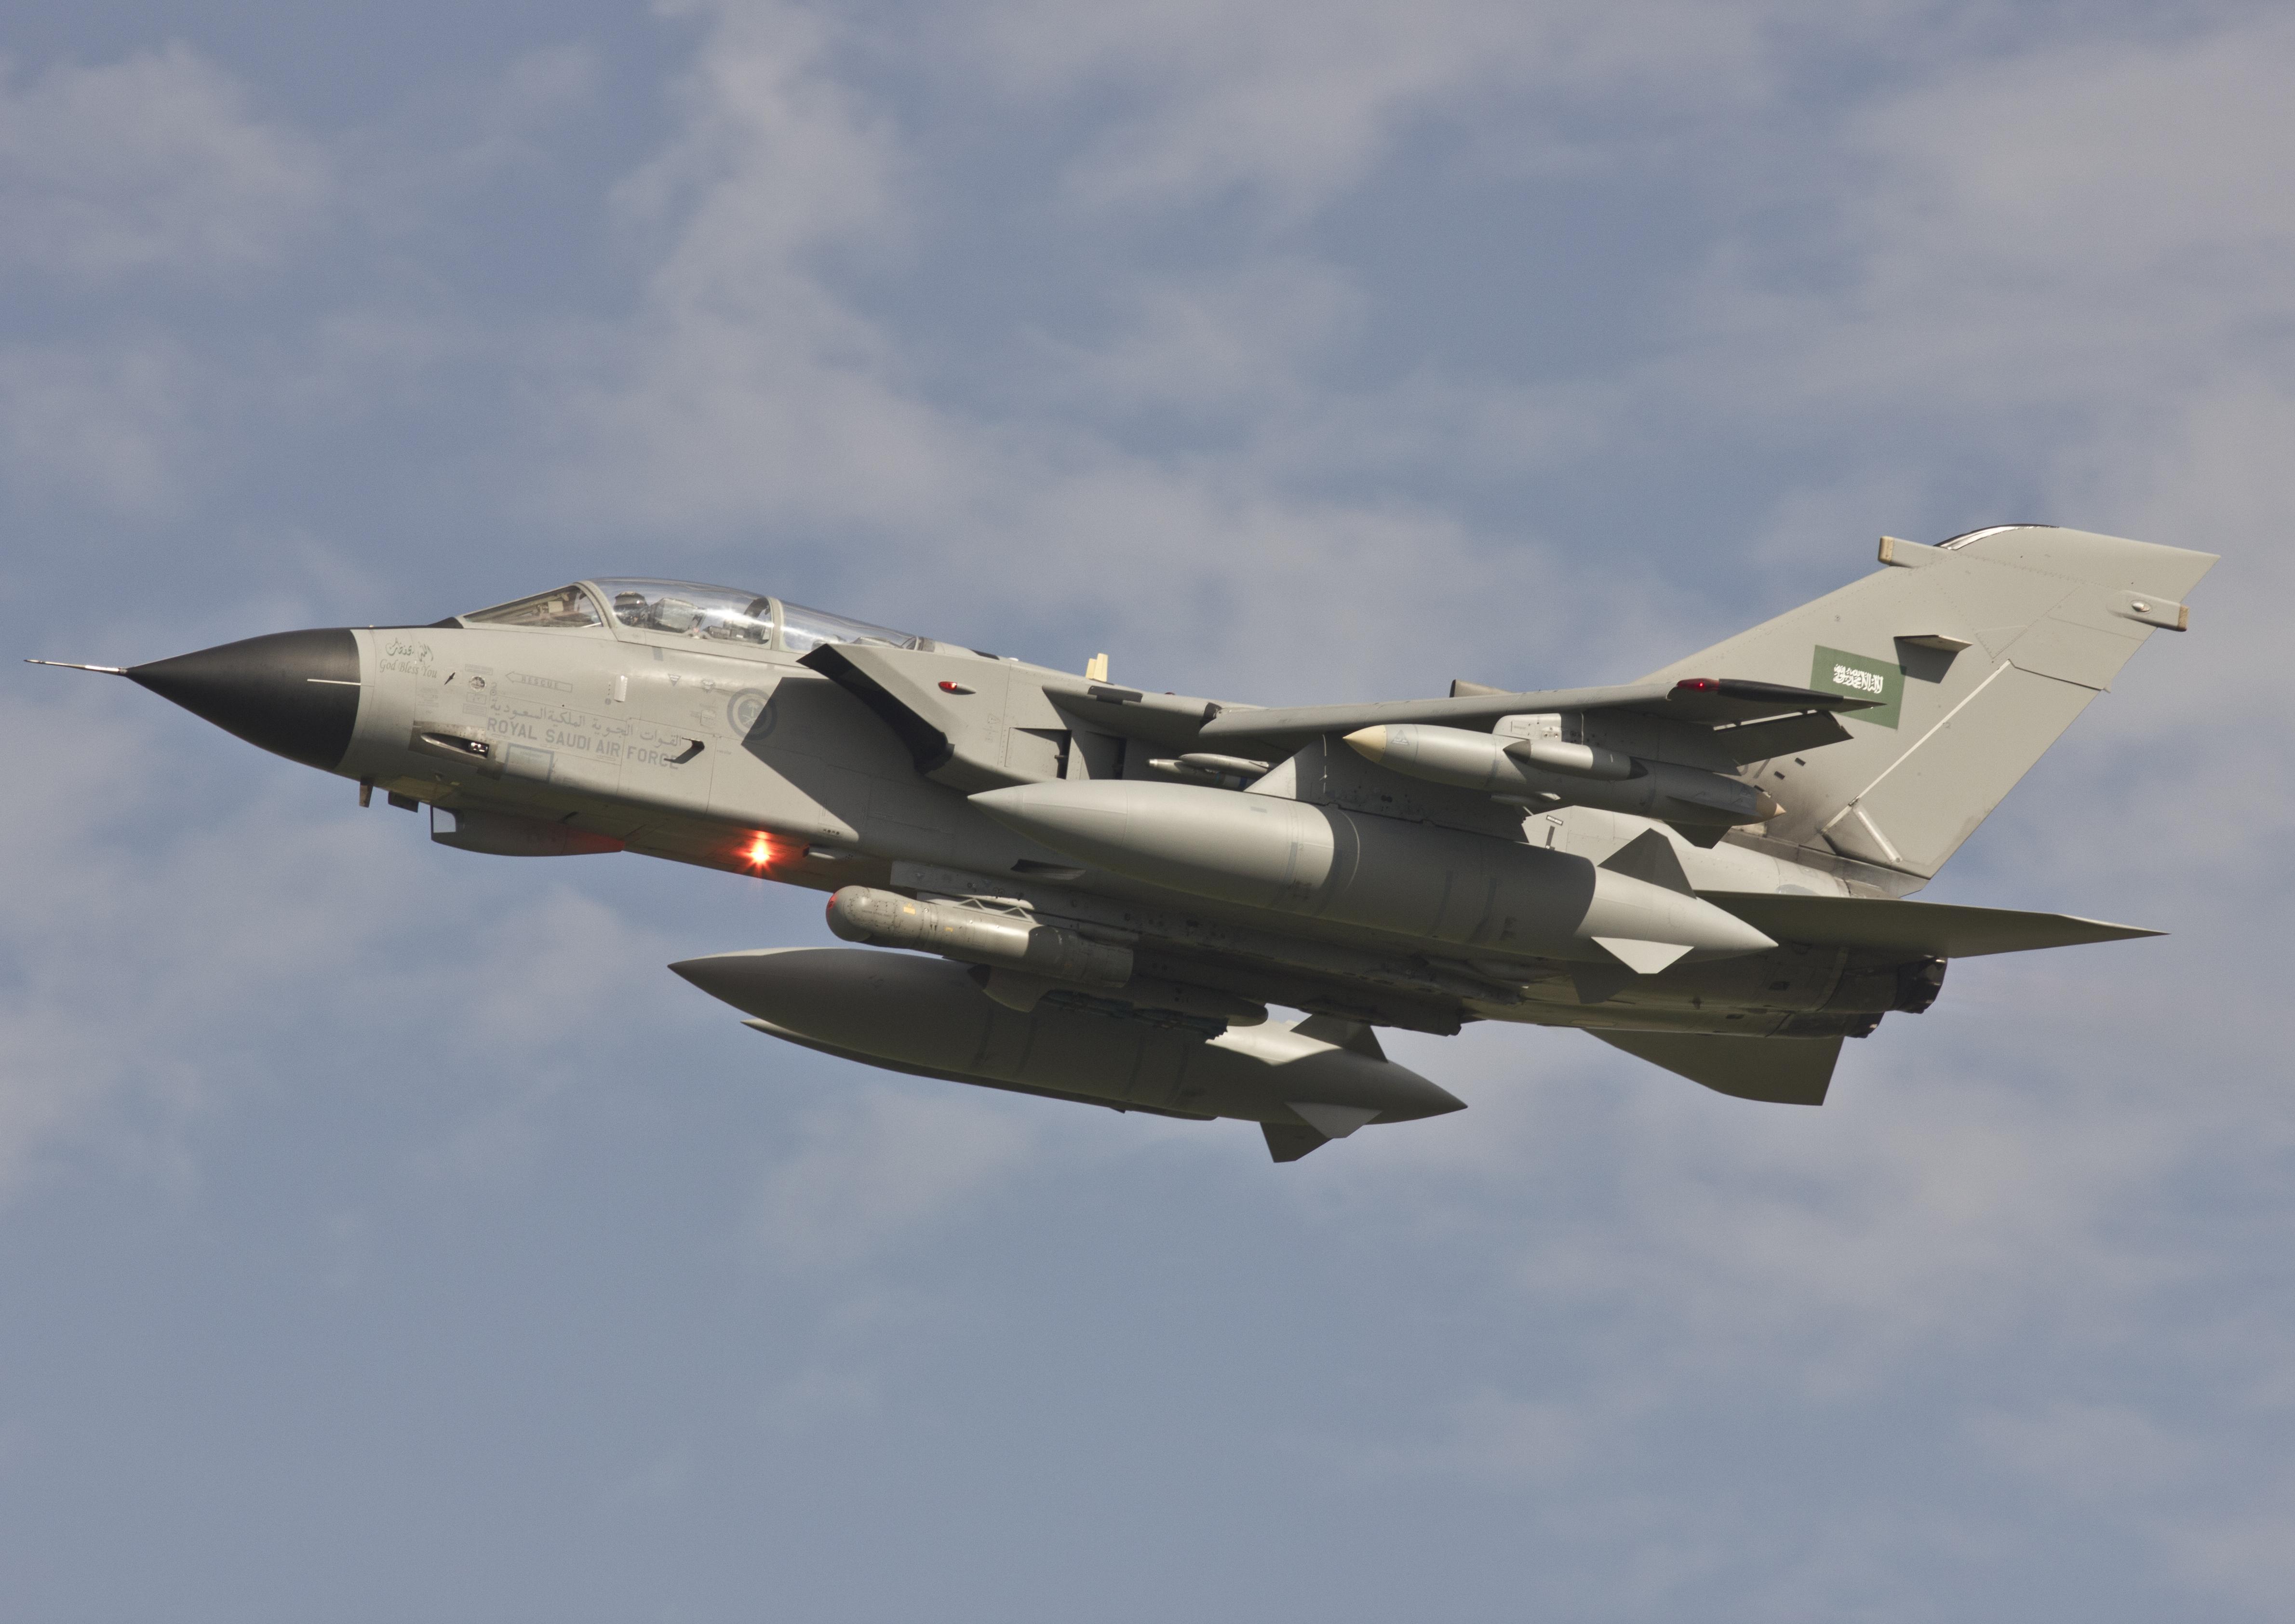 الموسوعه الفوغترافيه لصور القوات الجويه الملكيه السعوديه ( rsaf ) - صفحة 4 9905086684_51da4f10b3_o